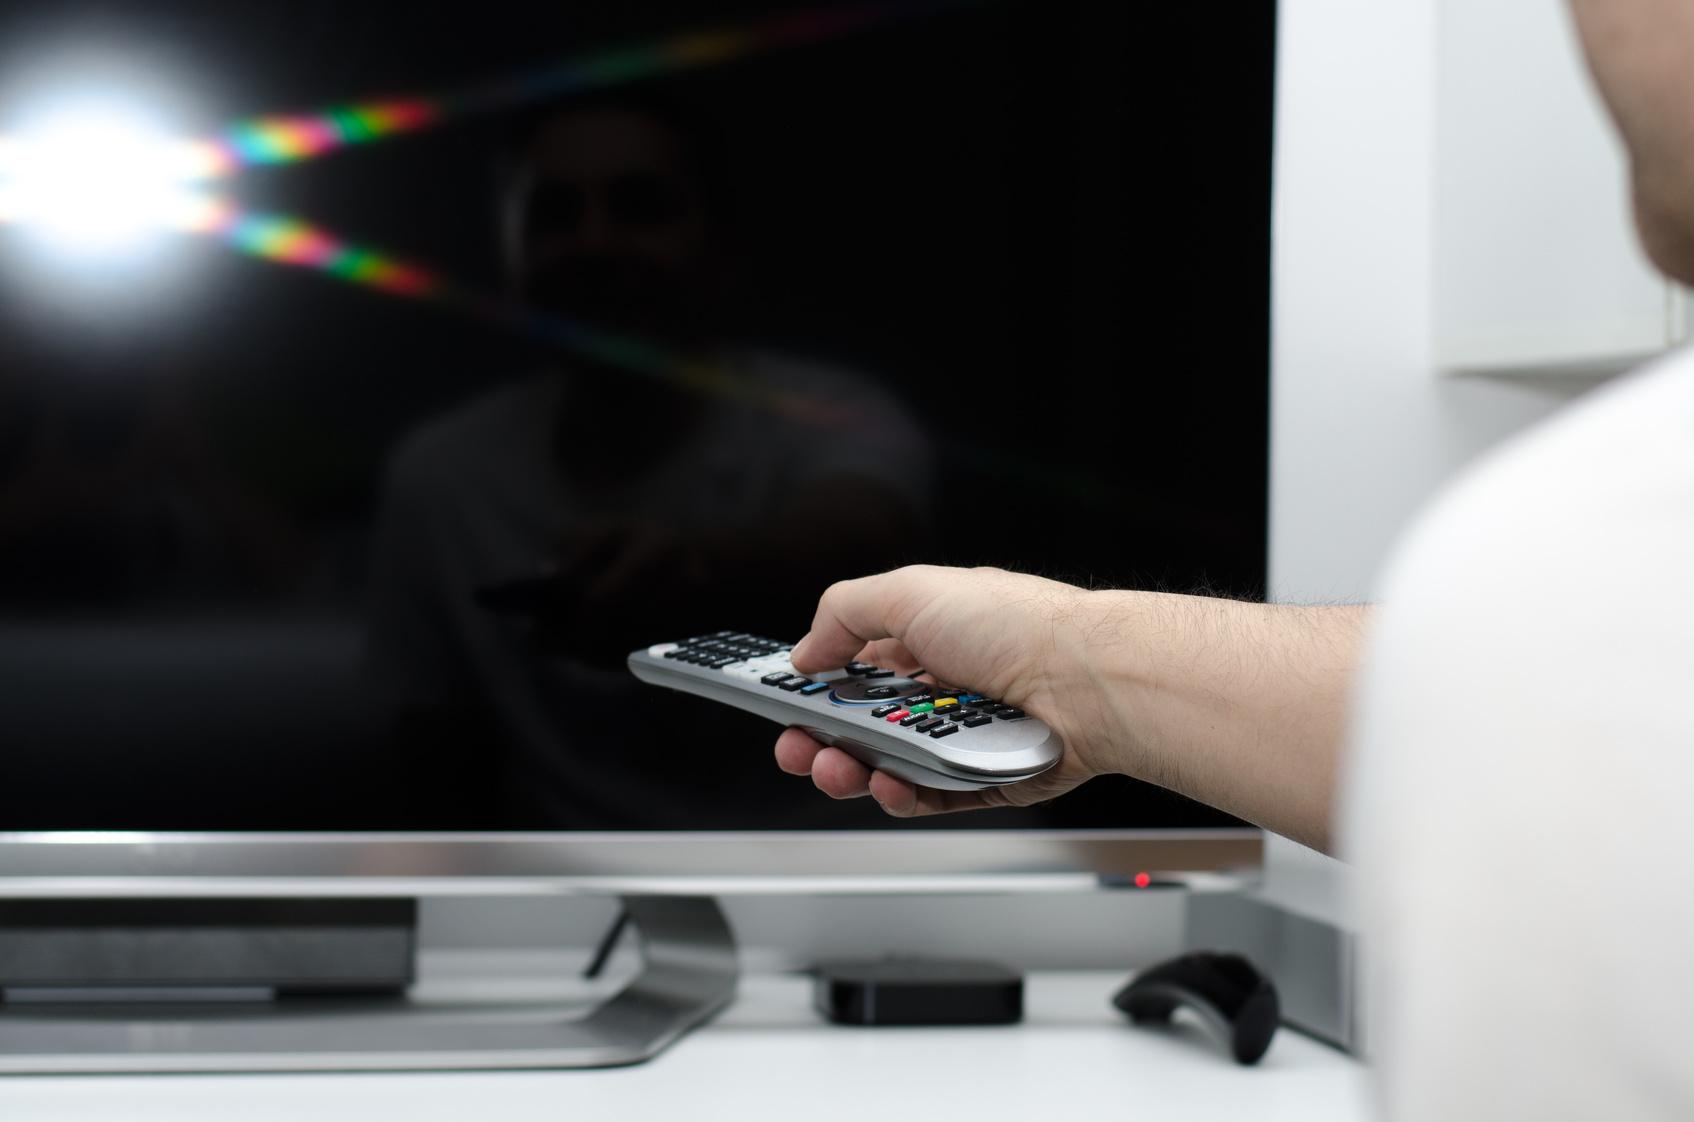 Widescreen high definition TV